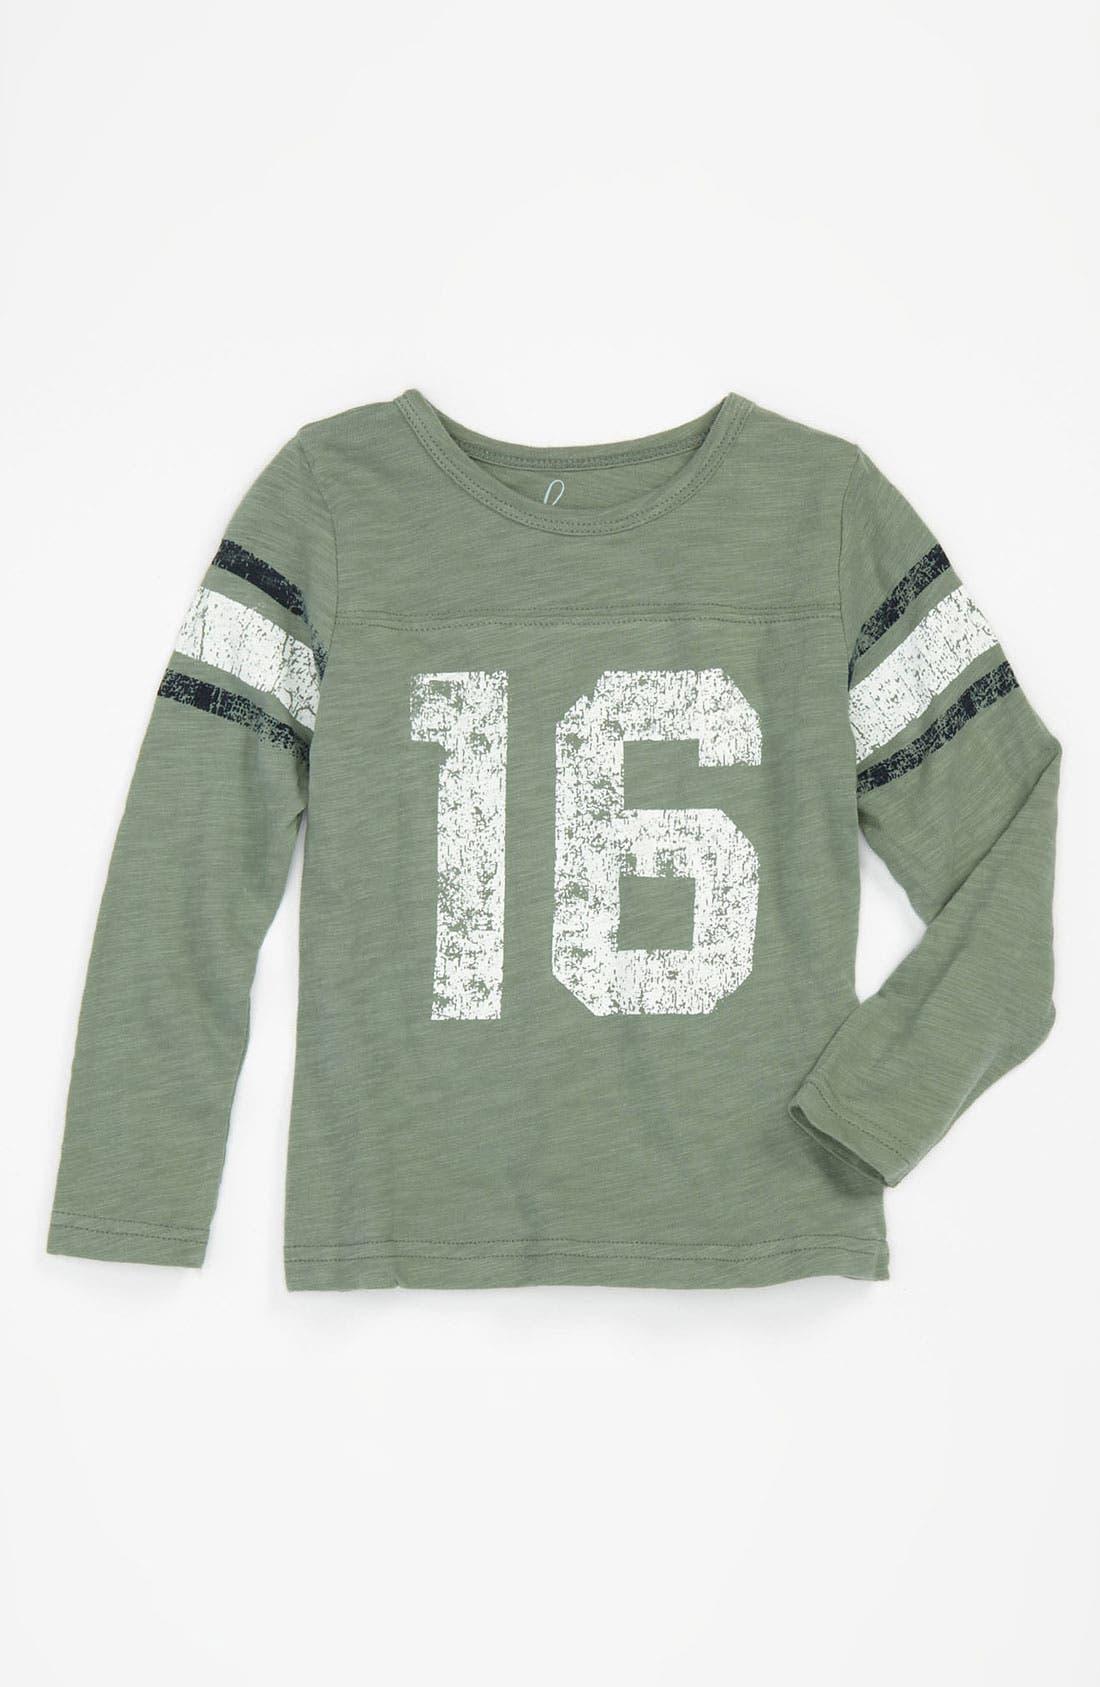 Main Image - Peek '16' Sport Jersey (Infant)